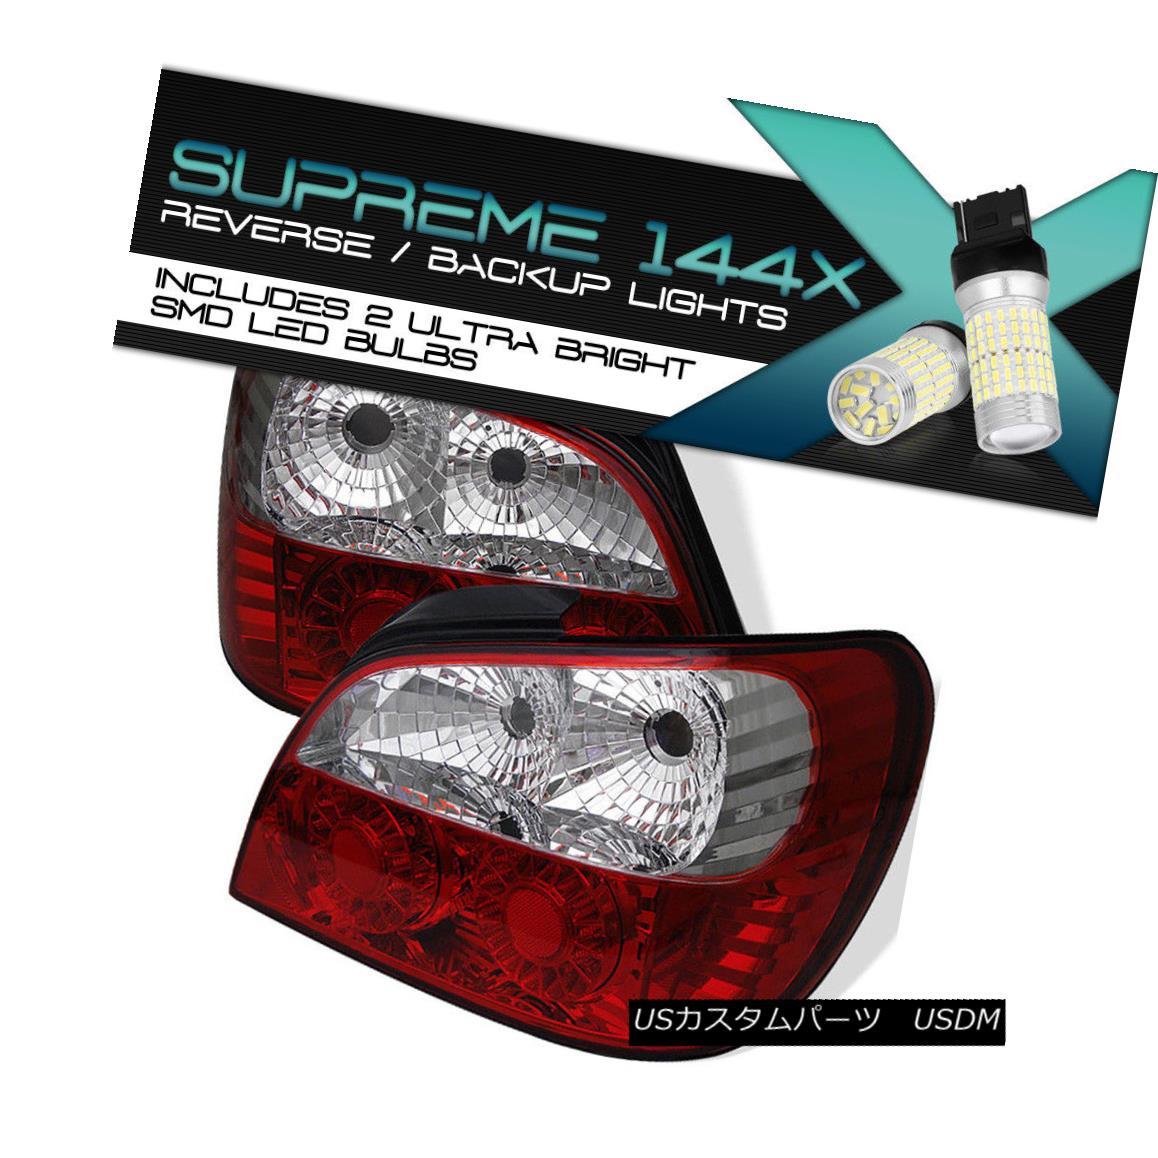 テールライト [Full SMD Backup] RED/CLEAR LED Tail Light For 02-03 Subaru Impreza 2.5RS 2/4DR [フルSMDバックアップ] RED / CLEAR LEDテールライト02-03スバルインプレッサ2.5RS 2 / 4DR